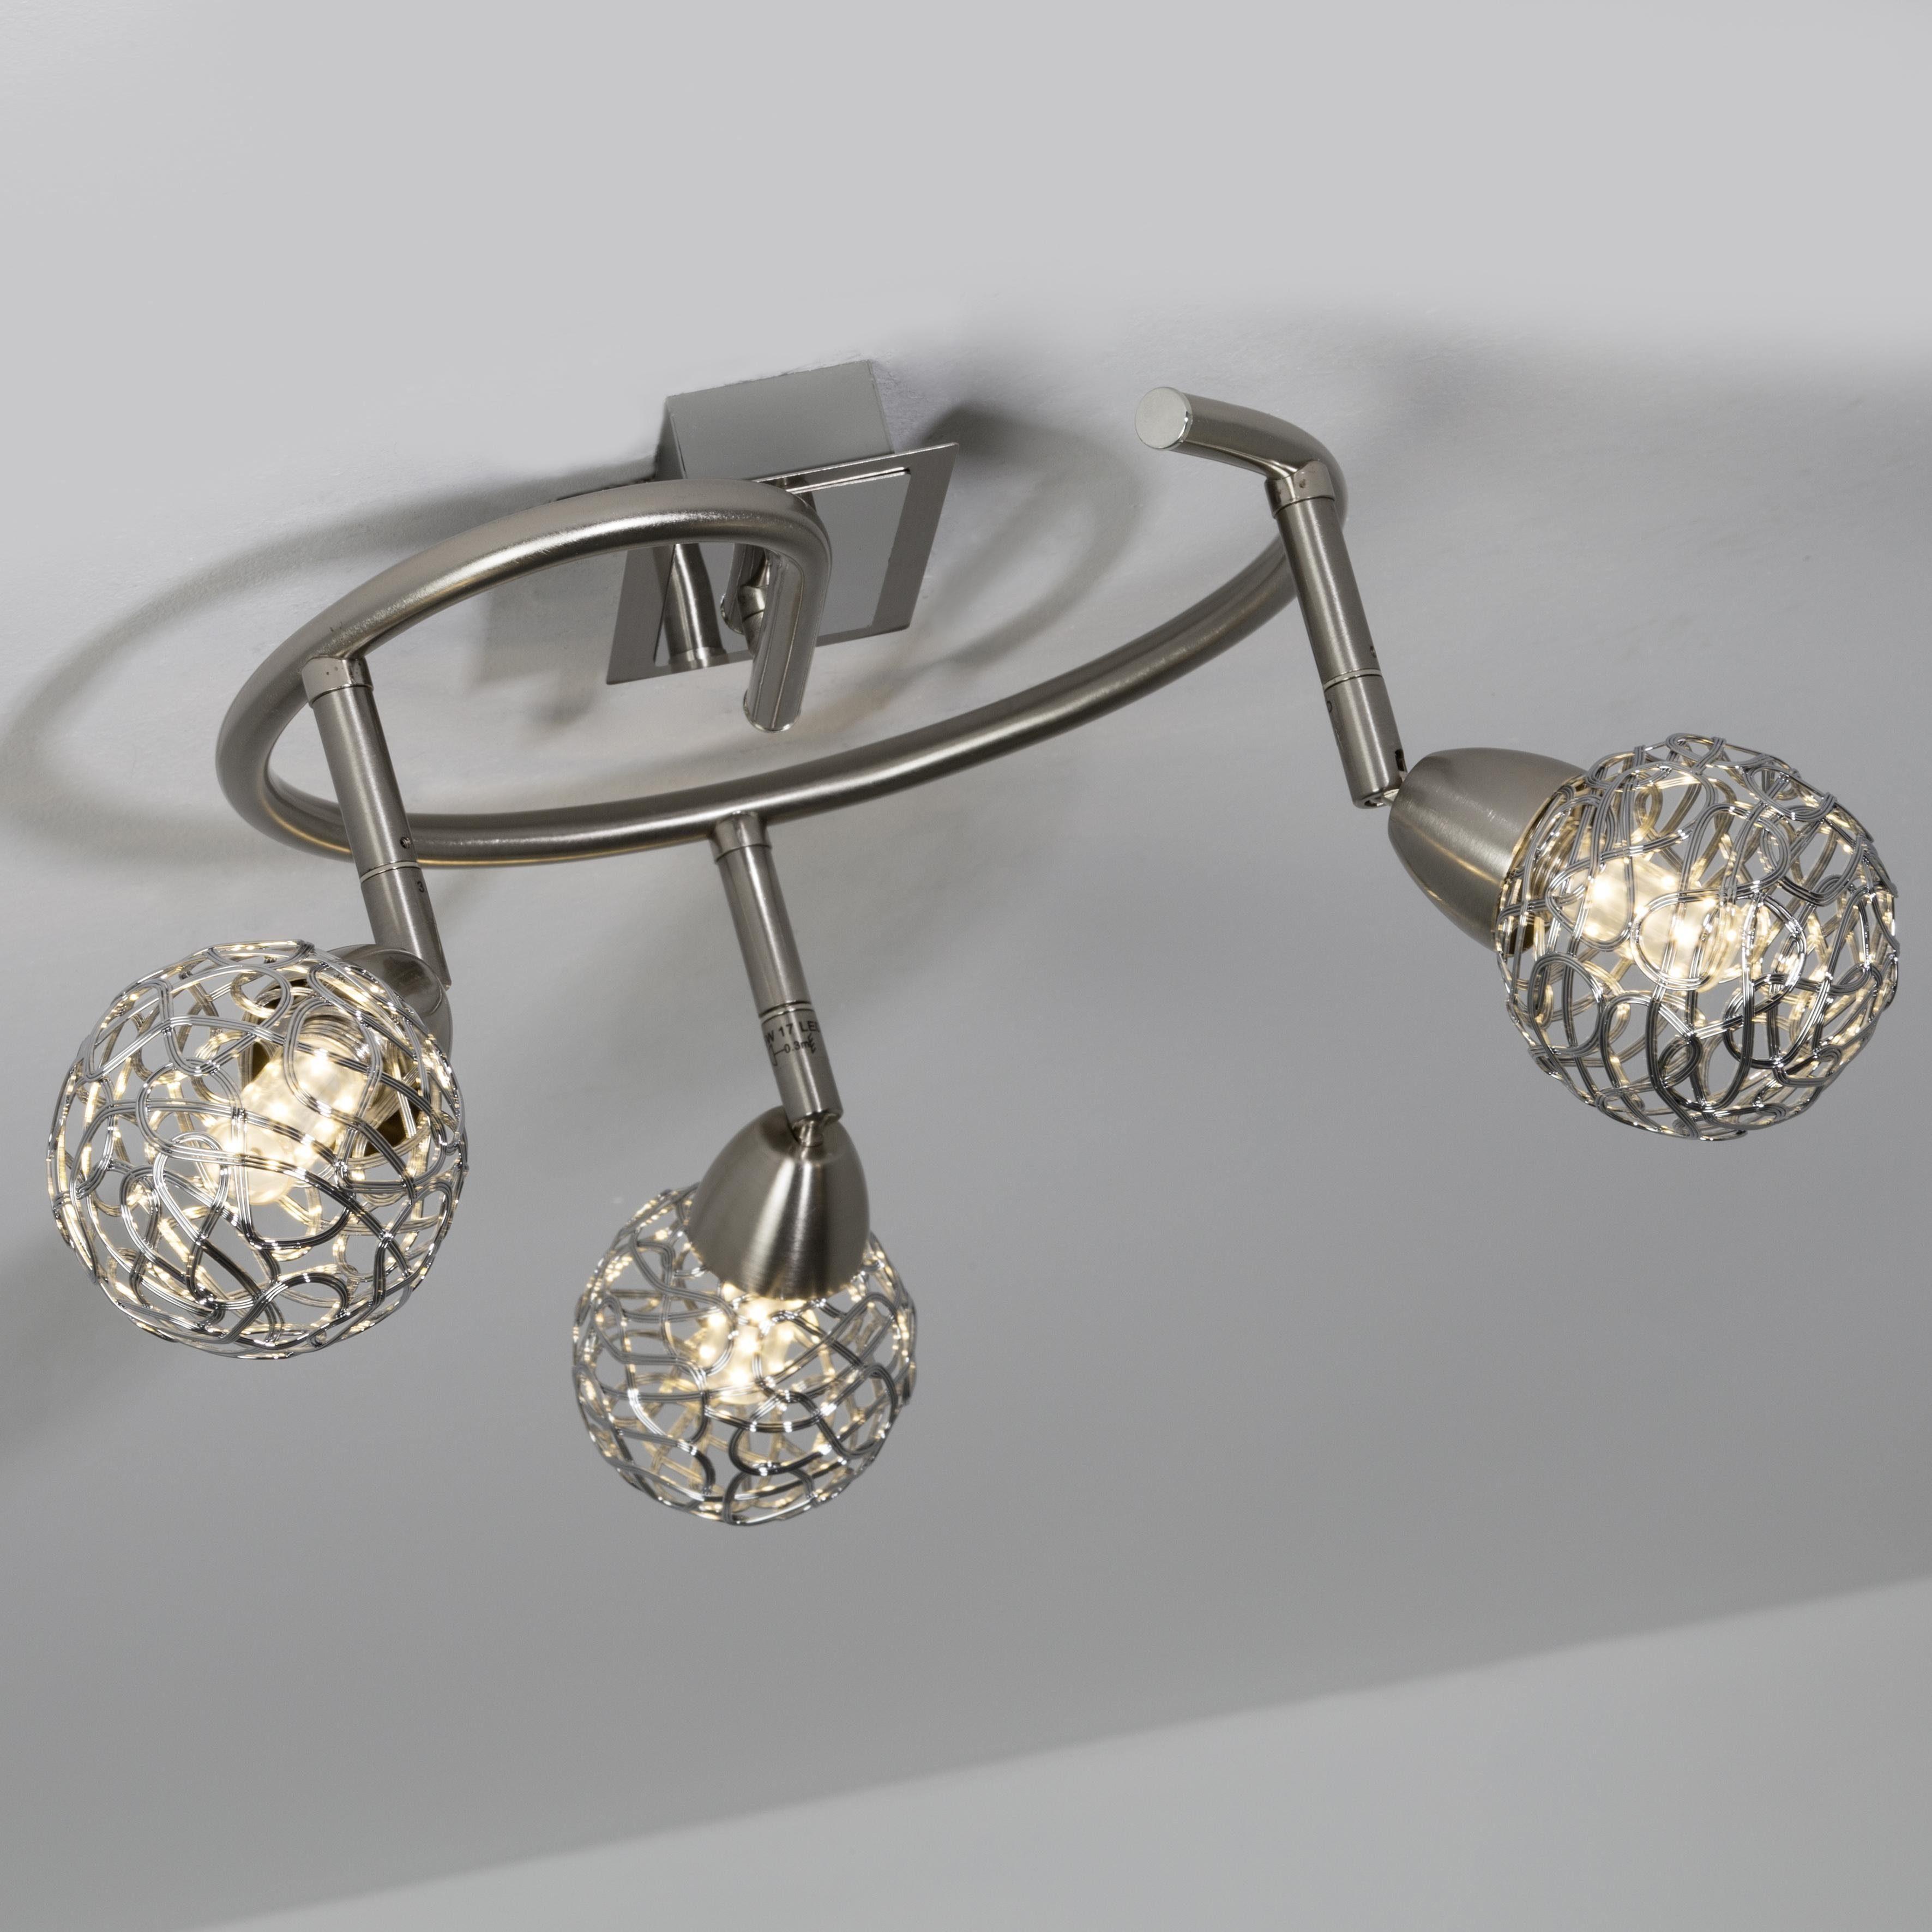 BRITOP LIGHTING,LED Deckenleuchte EASYFIX